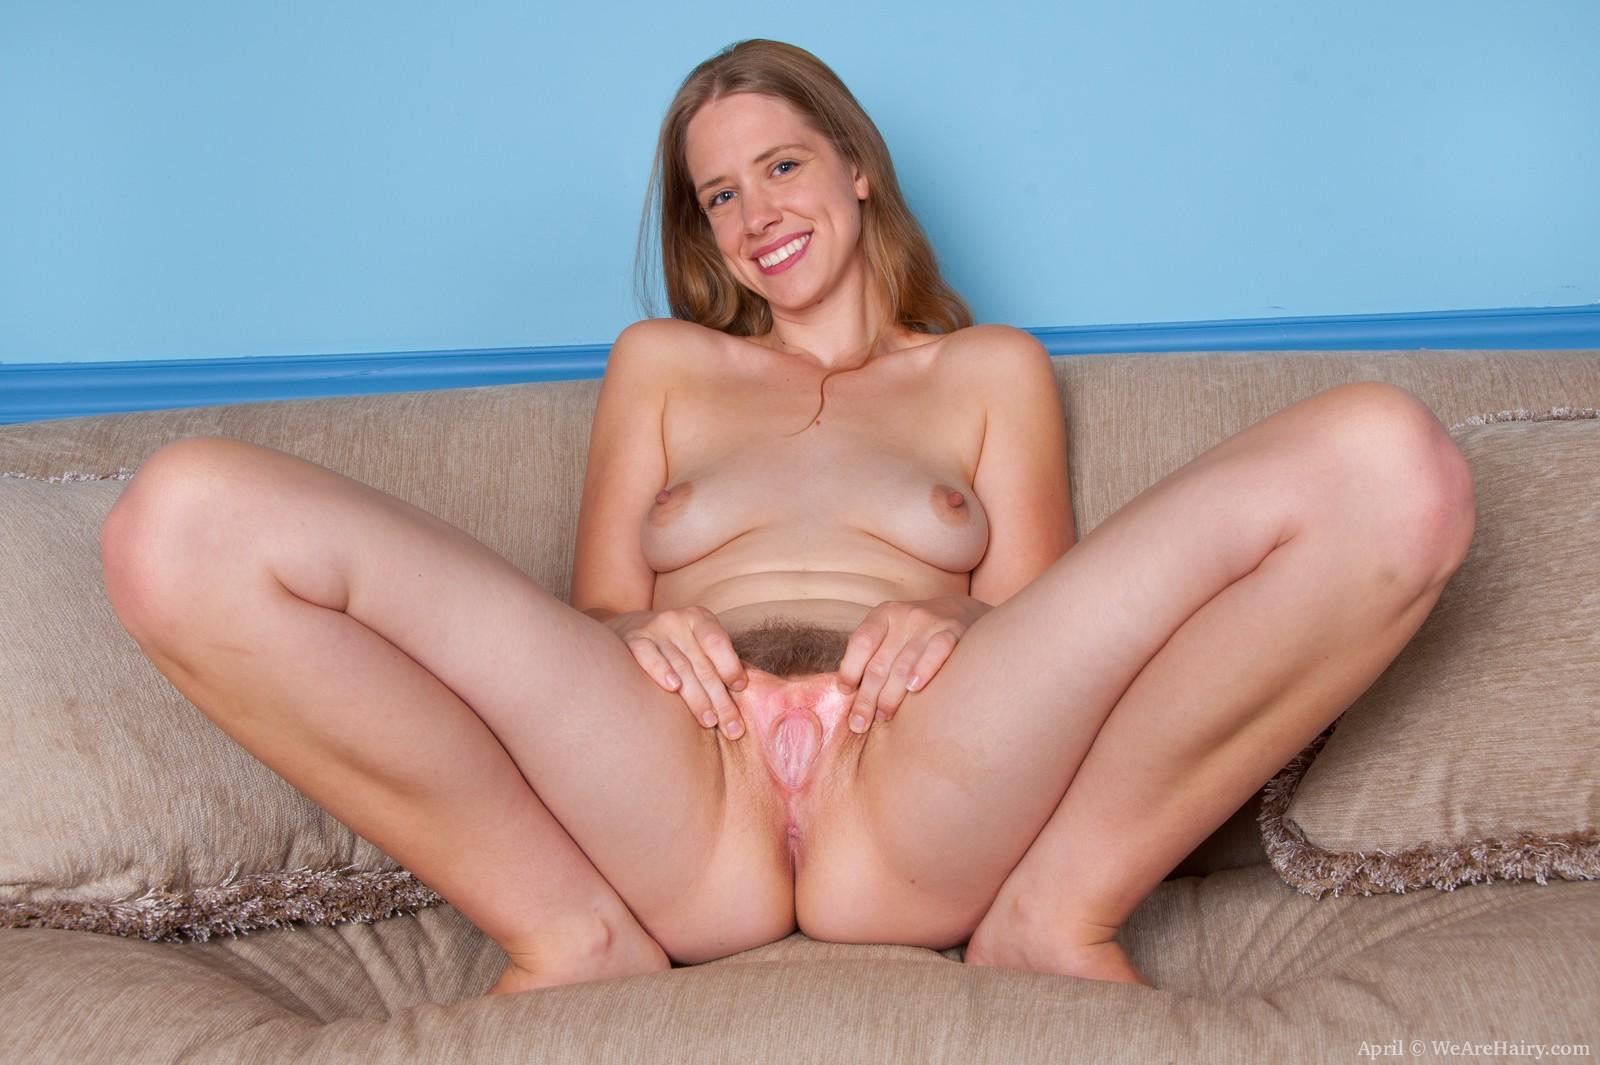 Pussy nude nz beauty